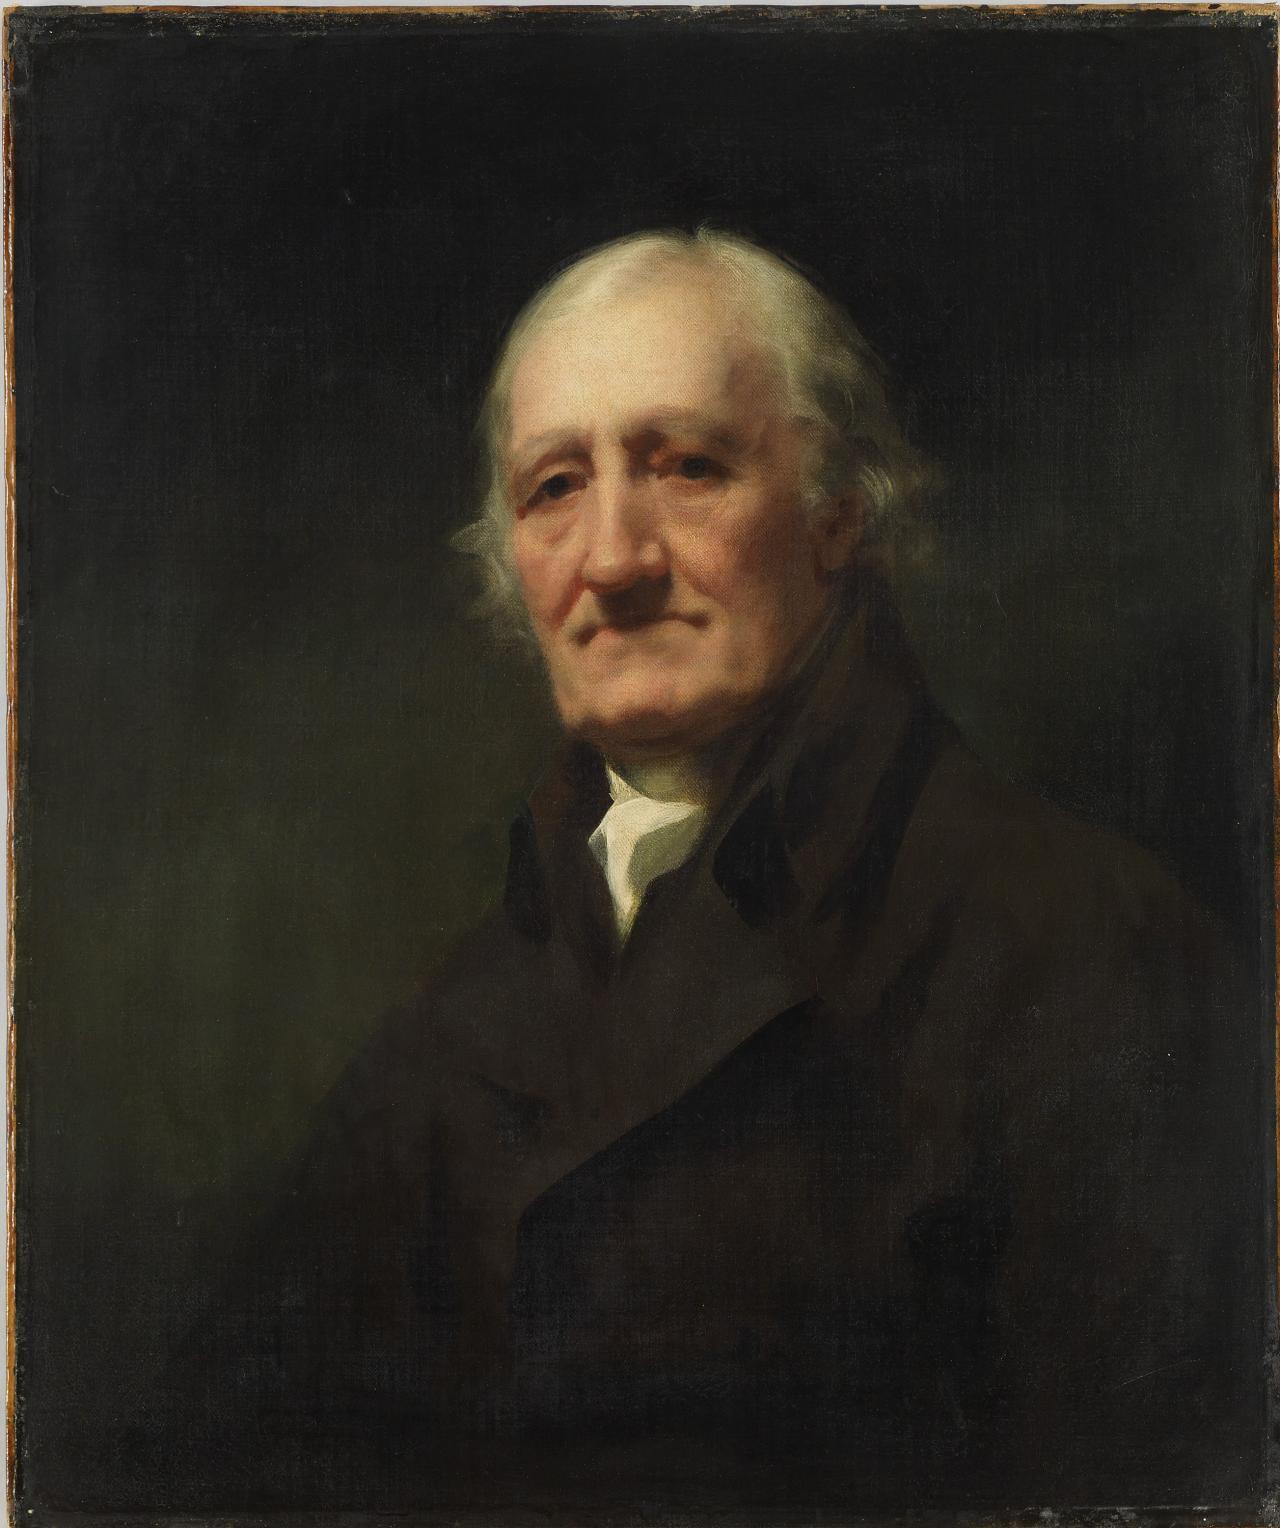 James Wardrop of Torbane Hill